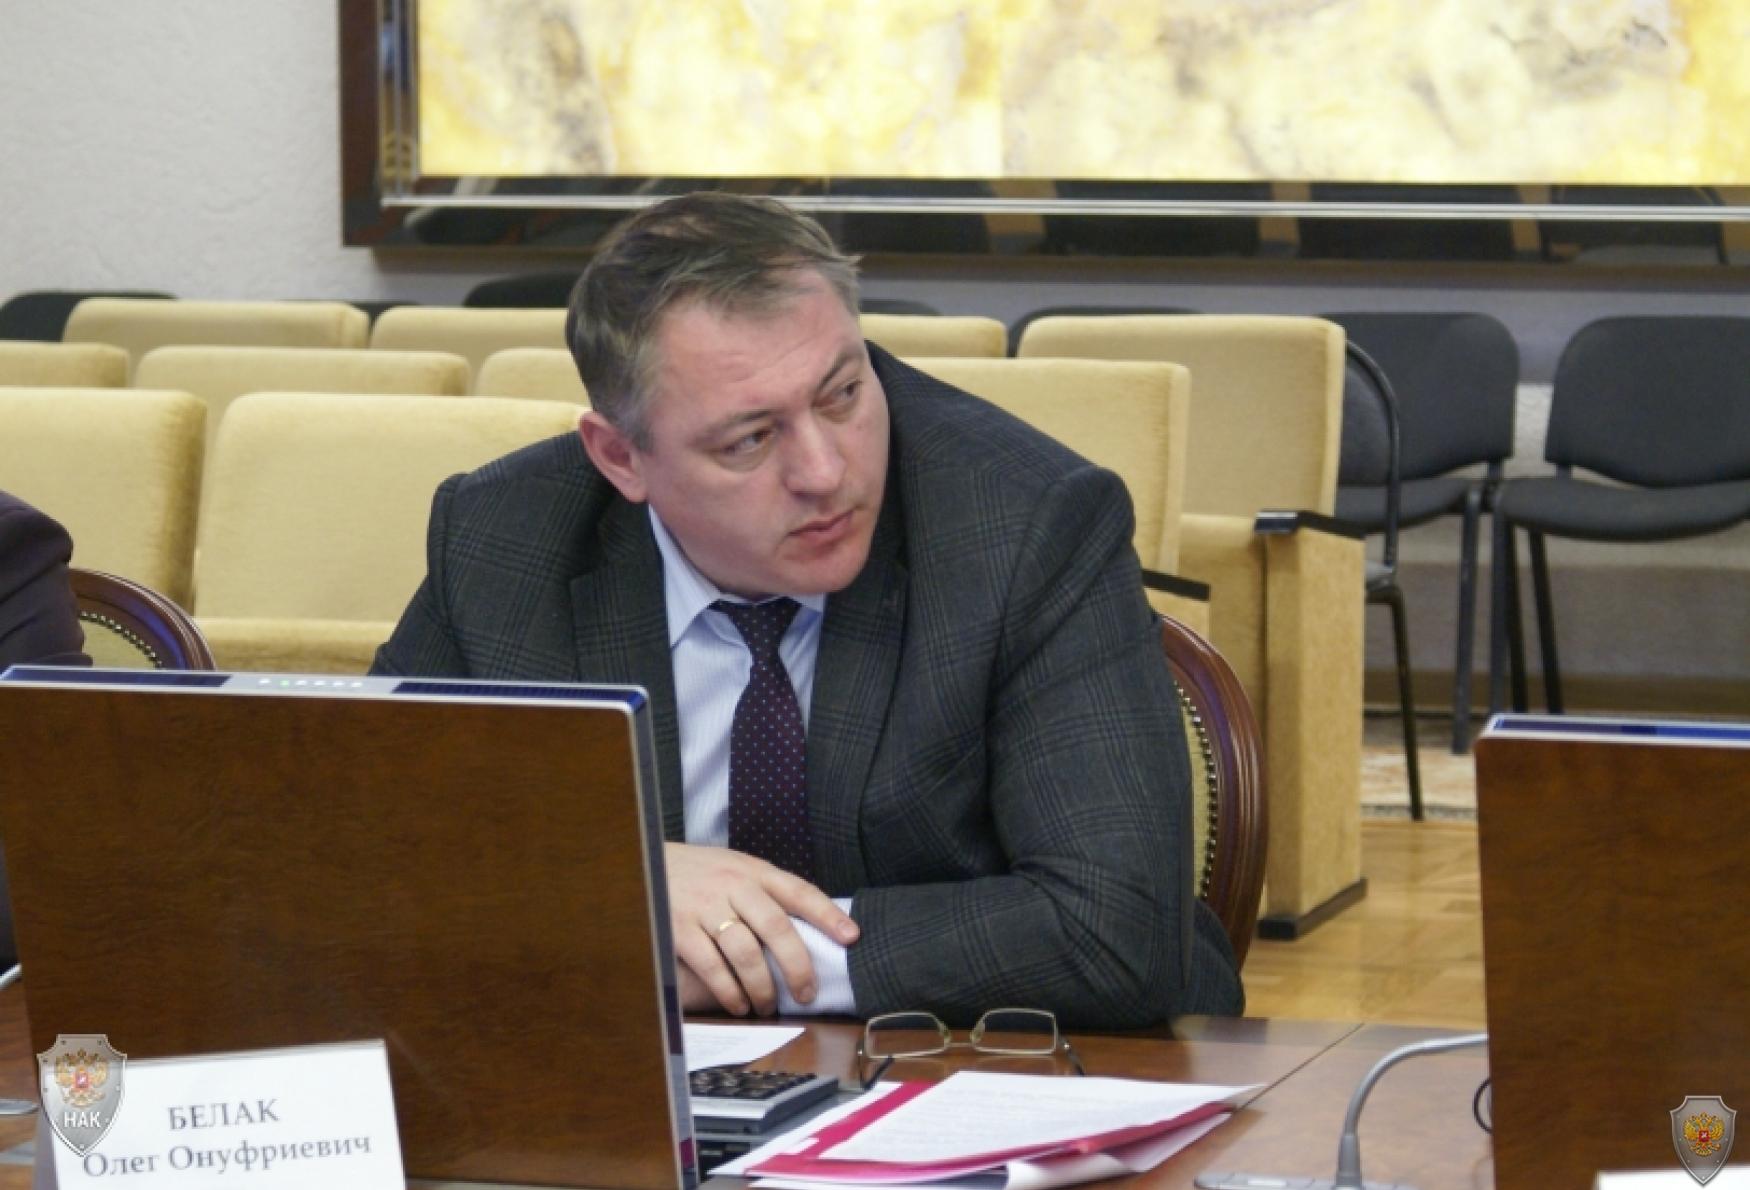 Заслушивание главы муниципального образования г.Нарьян-Мар